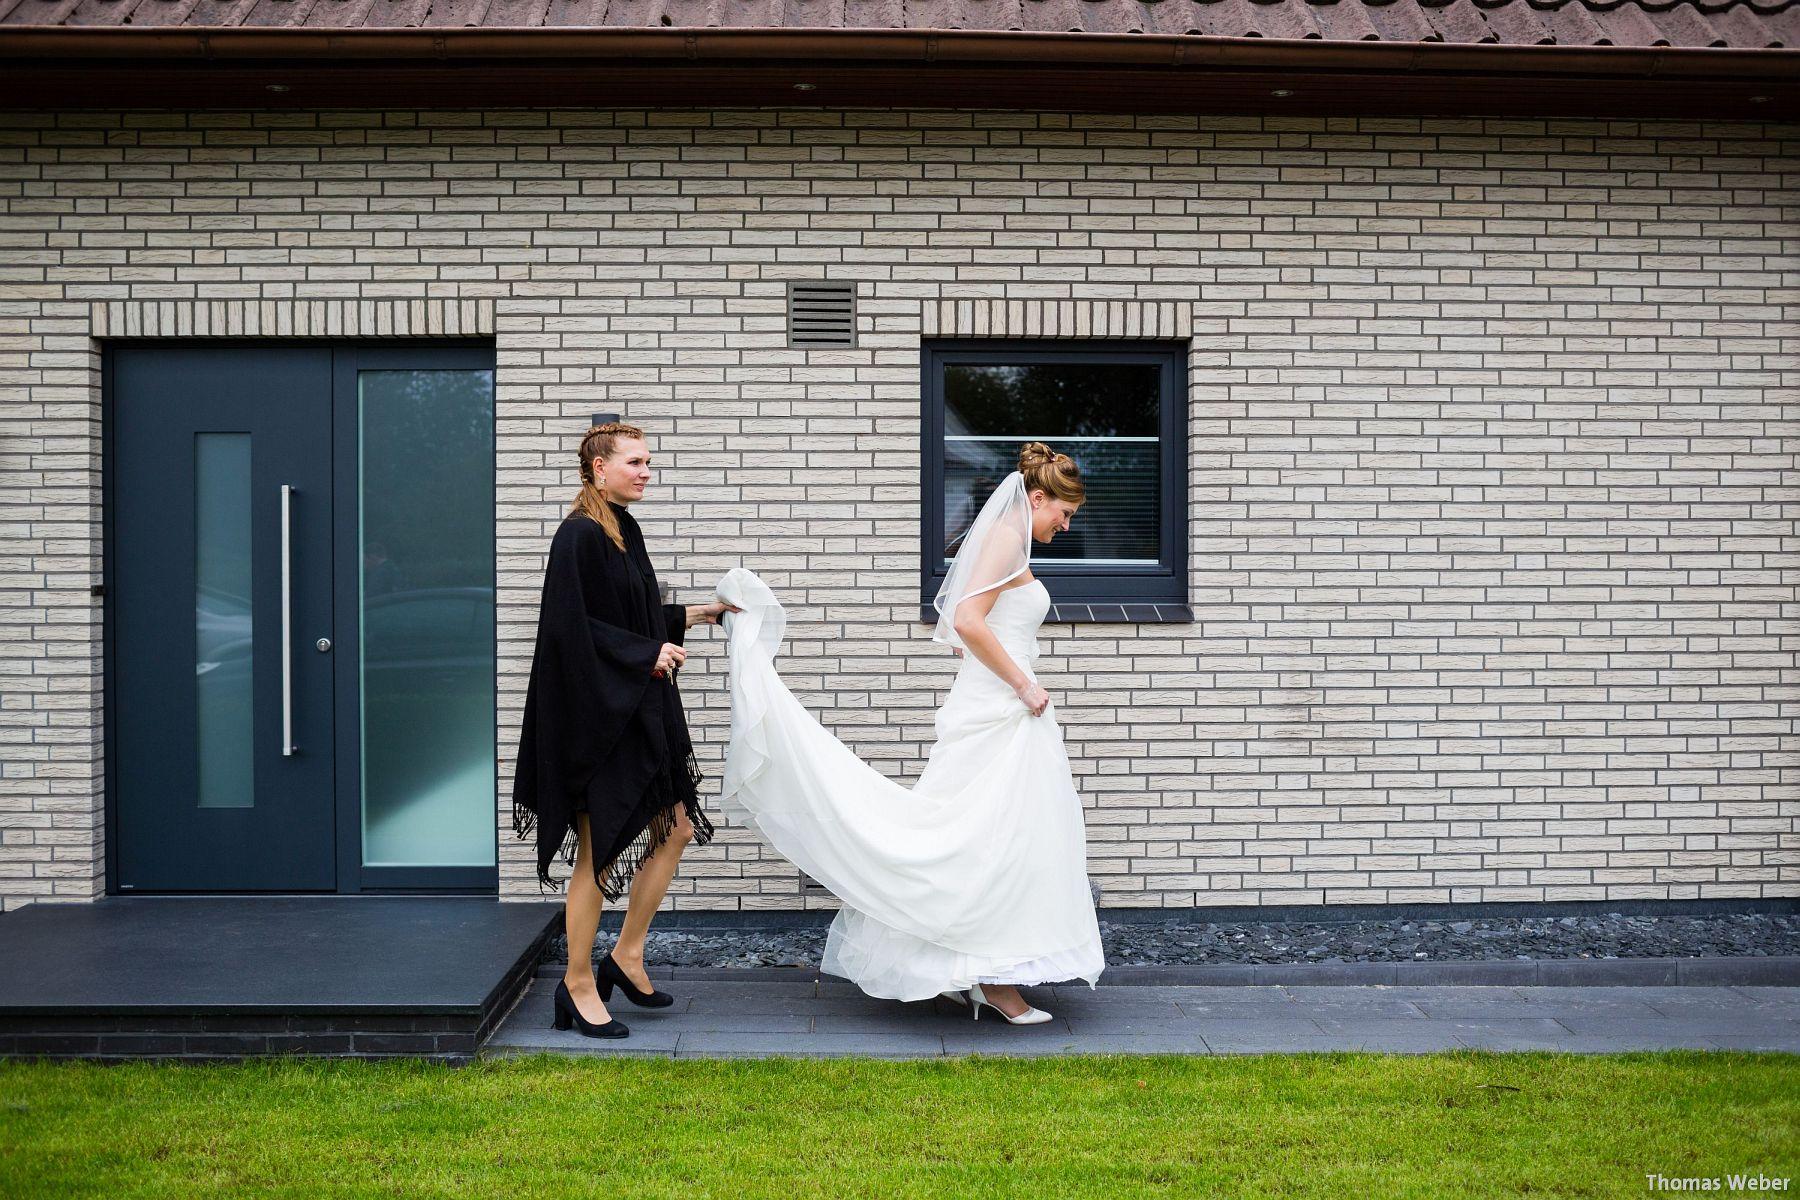 Hochzeitsfotograf Rastede: Kirchliche Trauung in der St. Ulrichs Kirche Rastede und Hochzeitsfeier in der Eventscheune St Georg Rastede mit dem Catering von Michael Niebuhr aus Oldenburg (13)